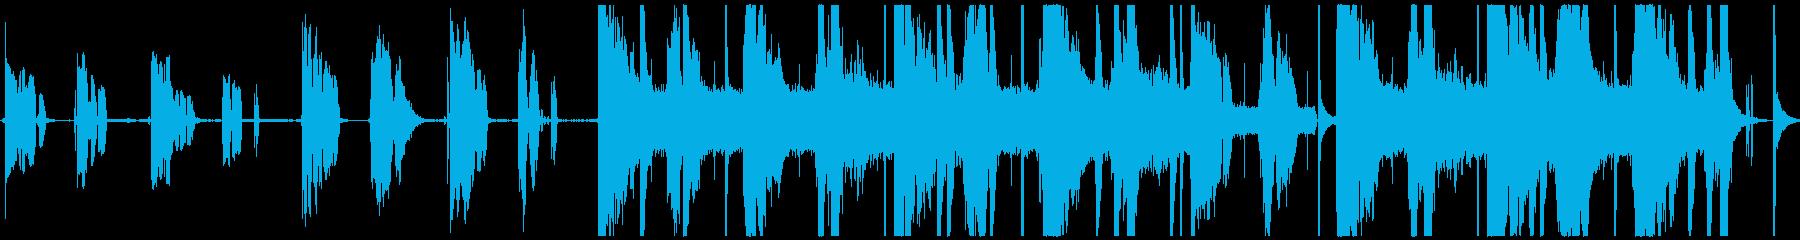 Voice(s)の再生済みの波形